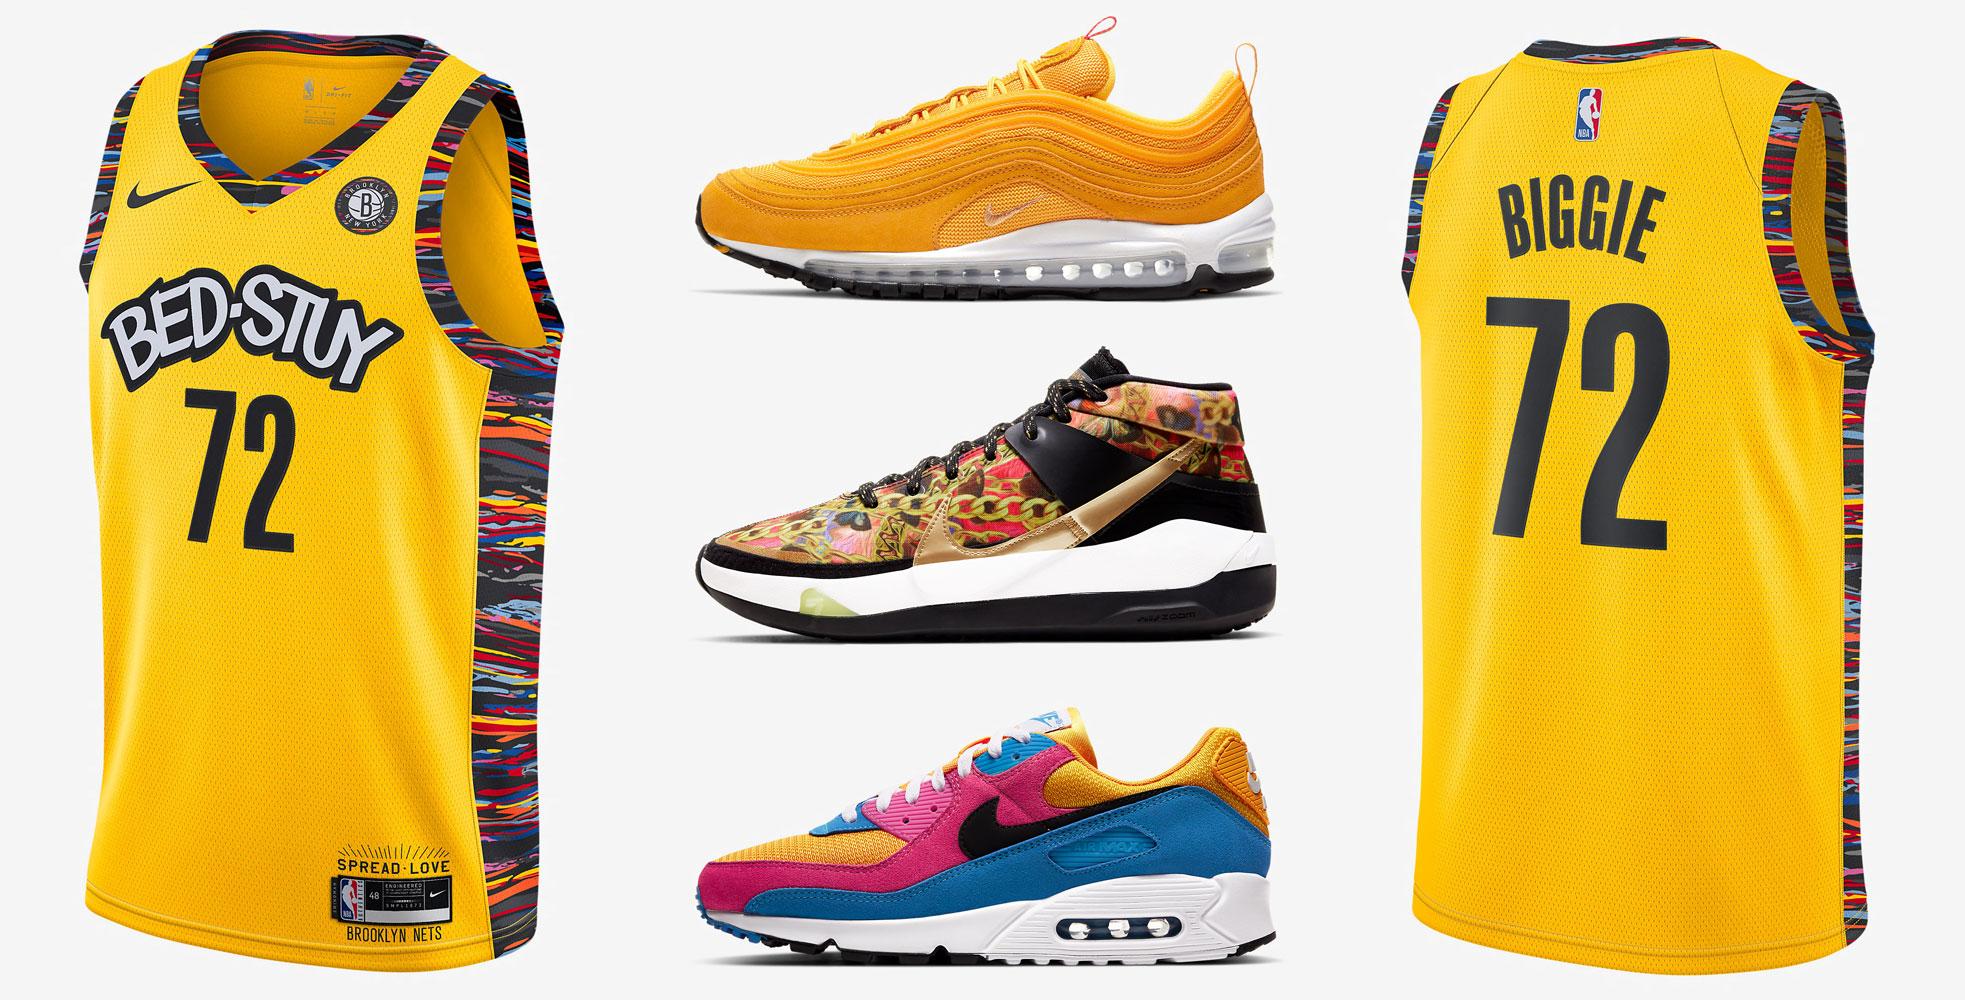 nike-biggie-brooklyn-nets-yellow-jersey-sneaker-match